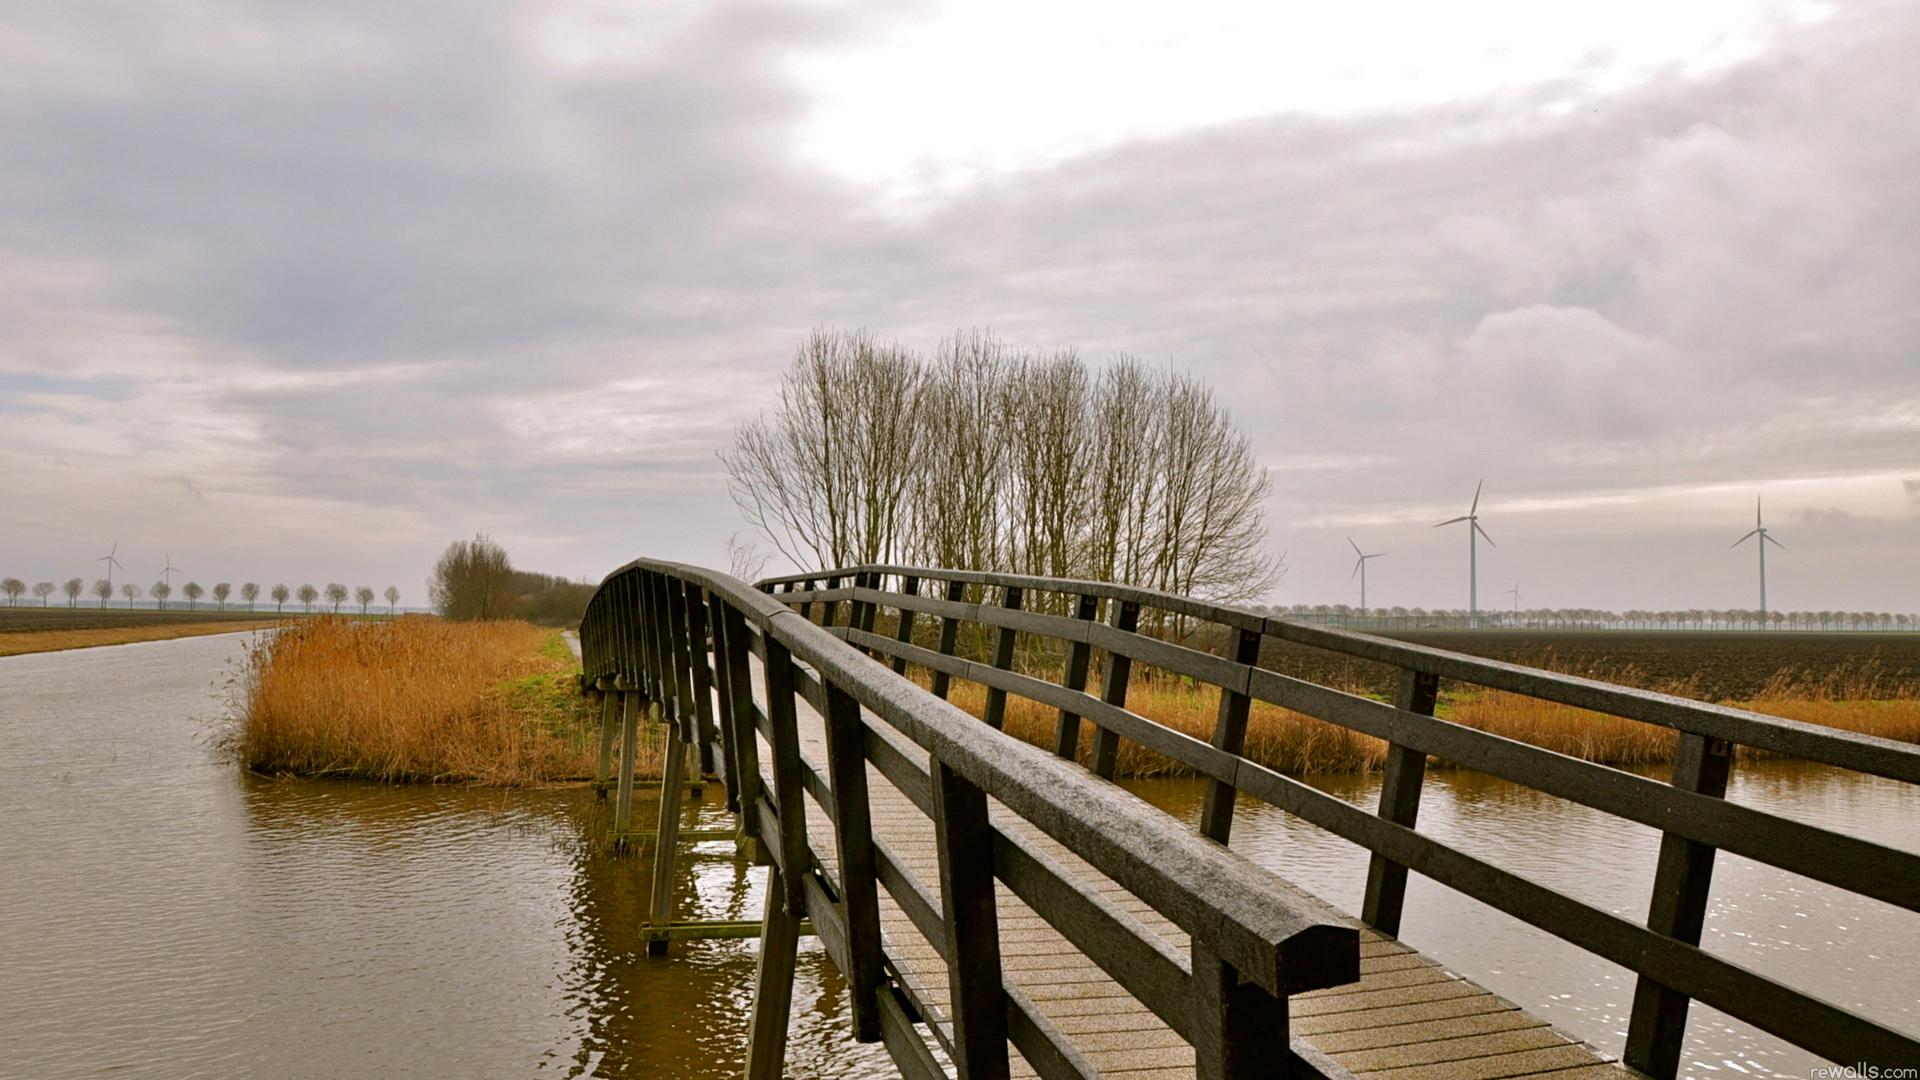 Мельница река мостик  № 2785834 загрузить